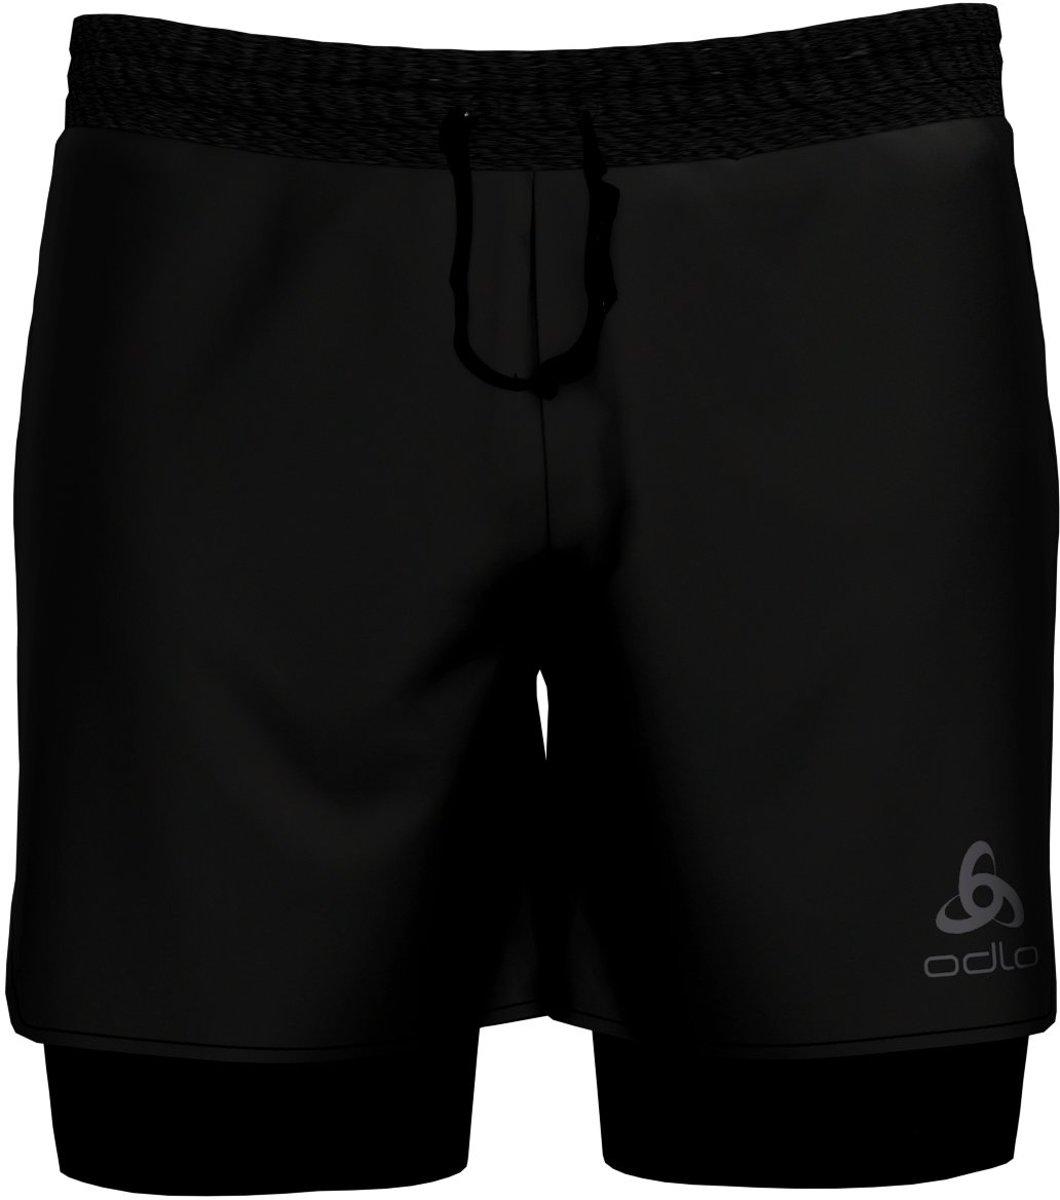 Odlo 2-In-1 Shorts Millennium Linencool Pro Heren Sportbroek - Black-Black - Maat XL